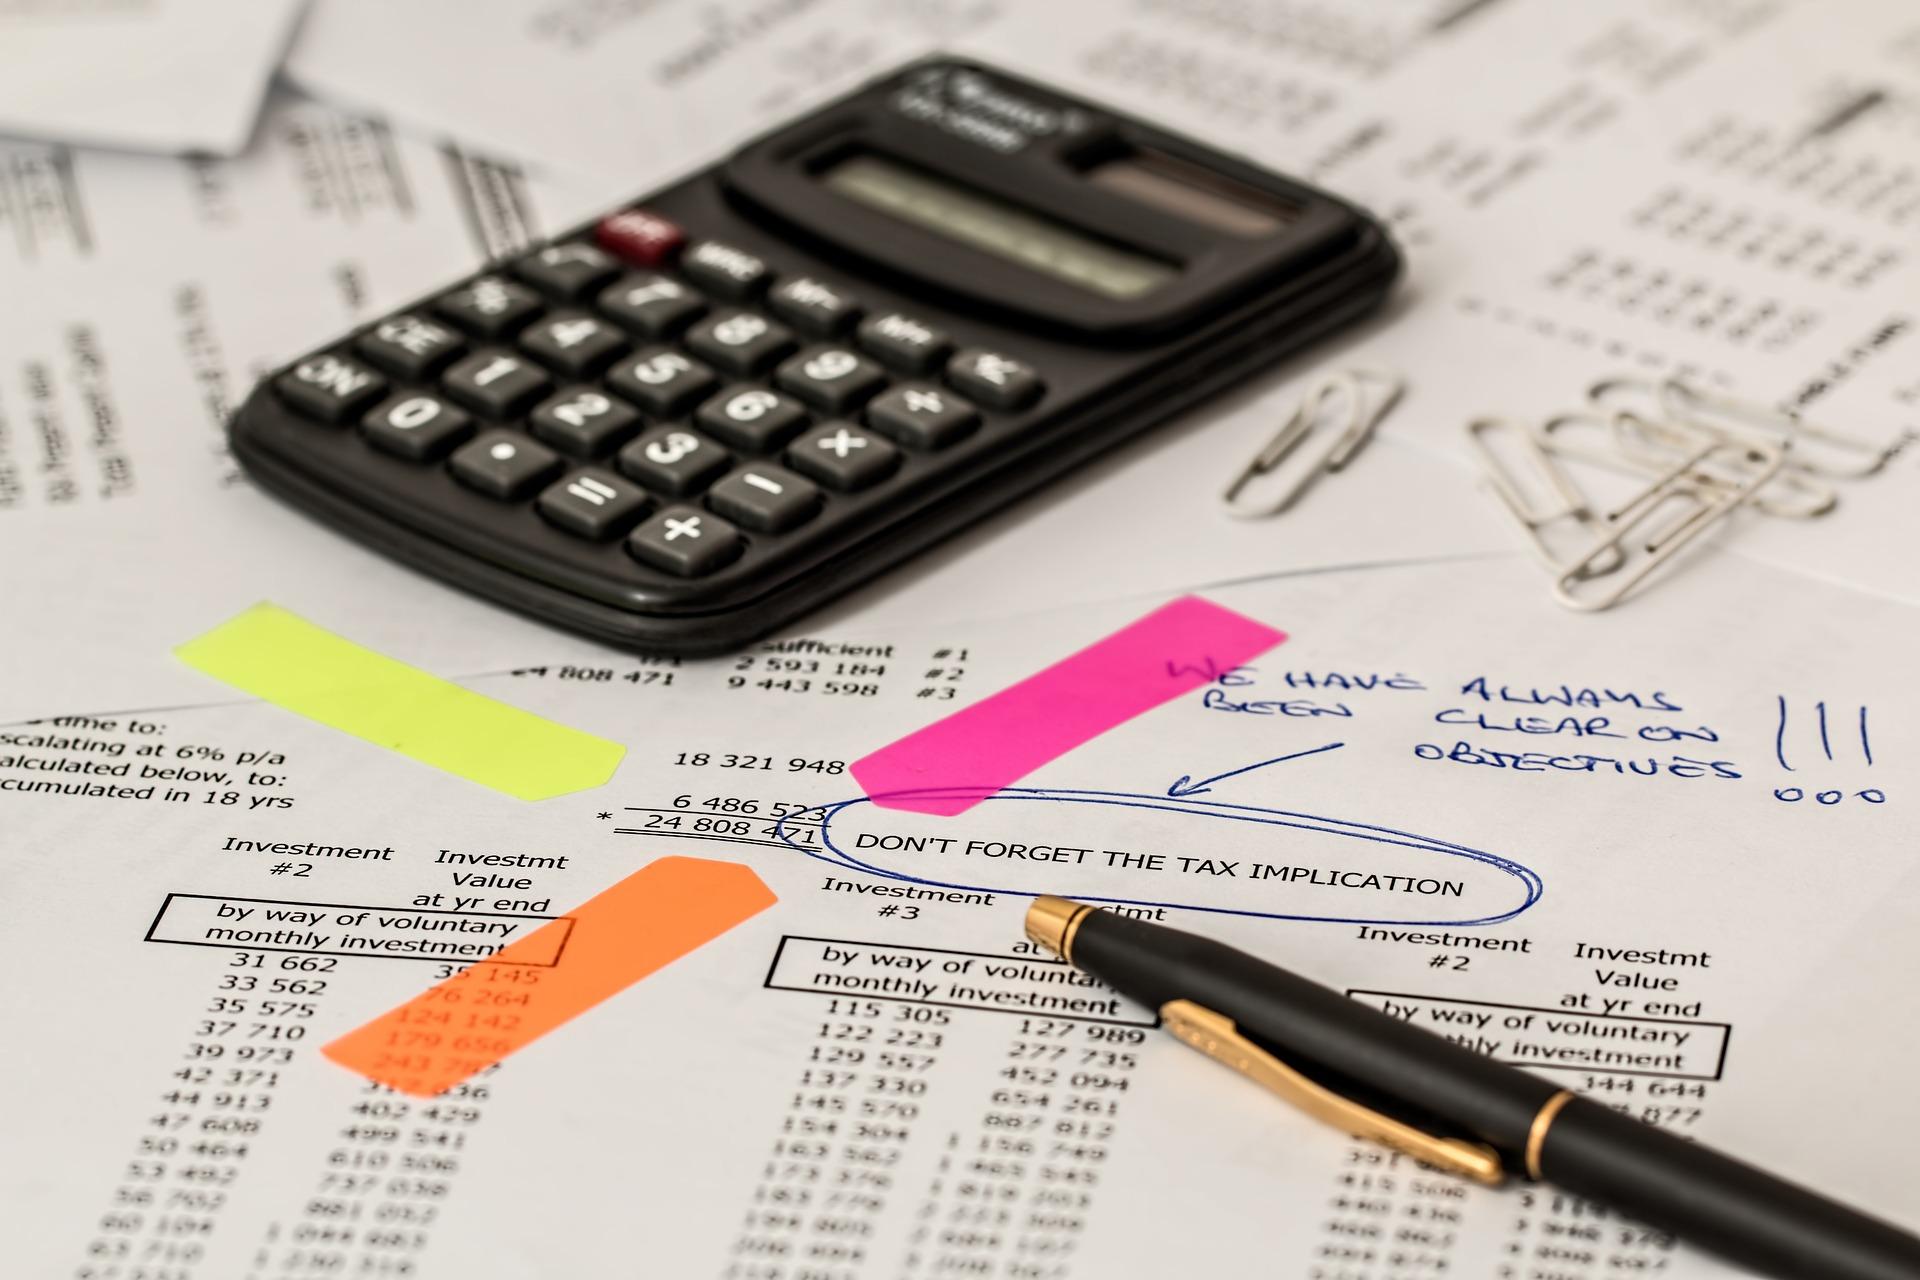 Le PFU : Faut-il payer des impôts sur les intérêts bancaires ?